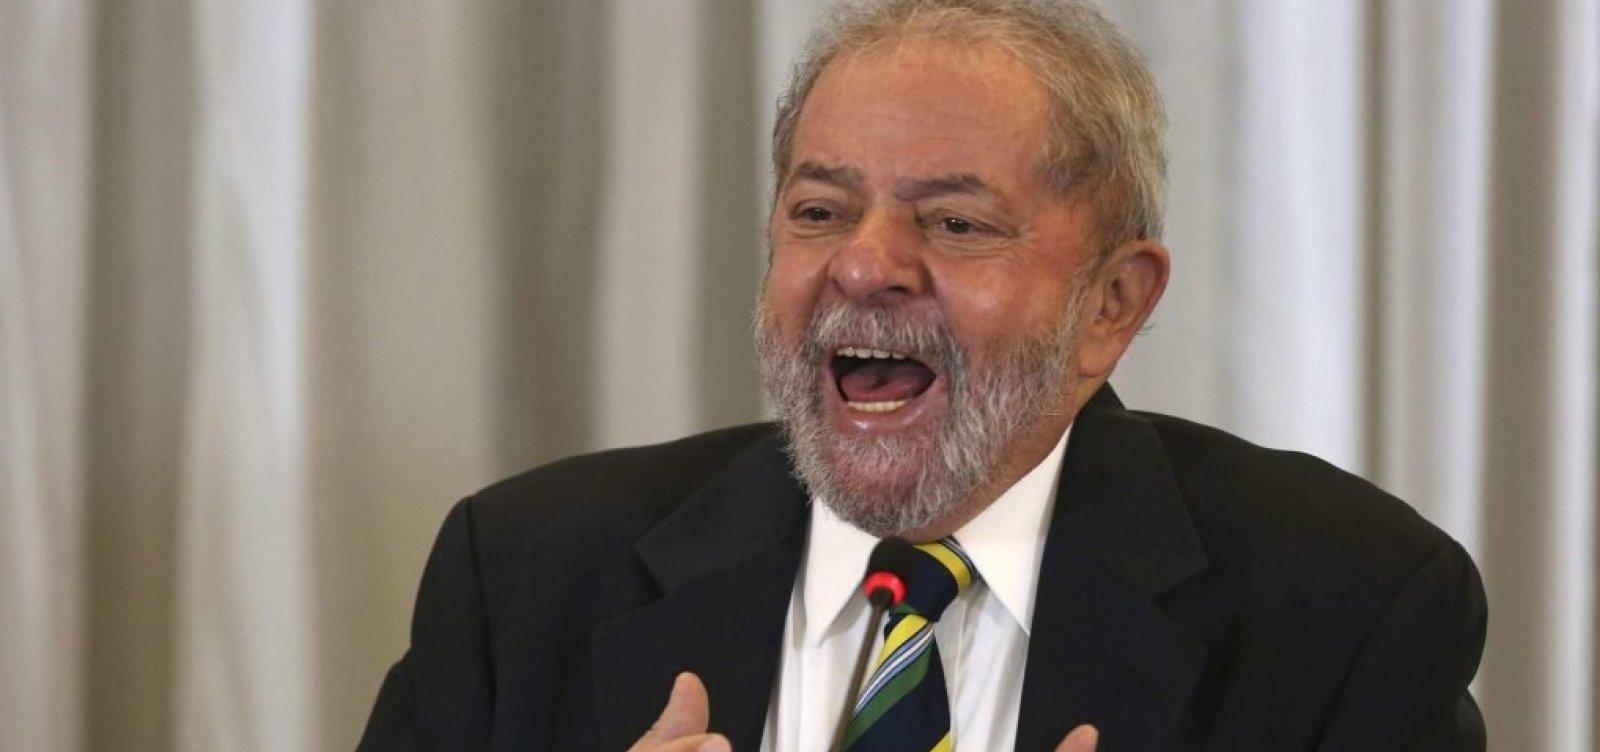 Amigos de Lula querem vaquinha para pagar multa de R$ 3 mi do STJ